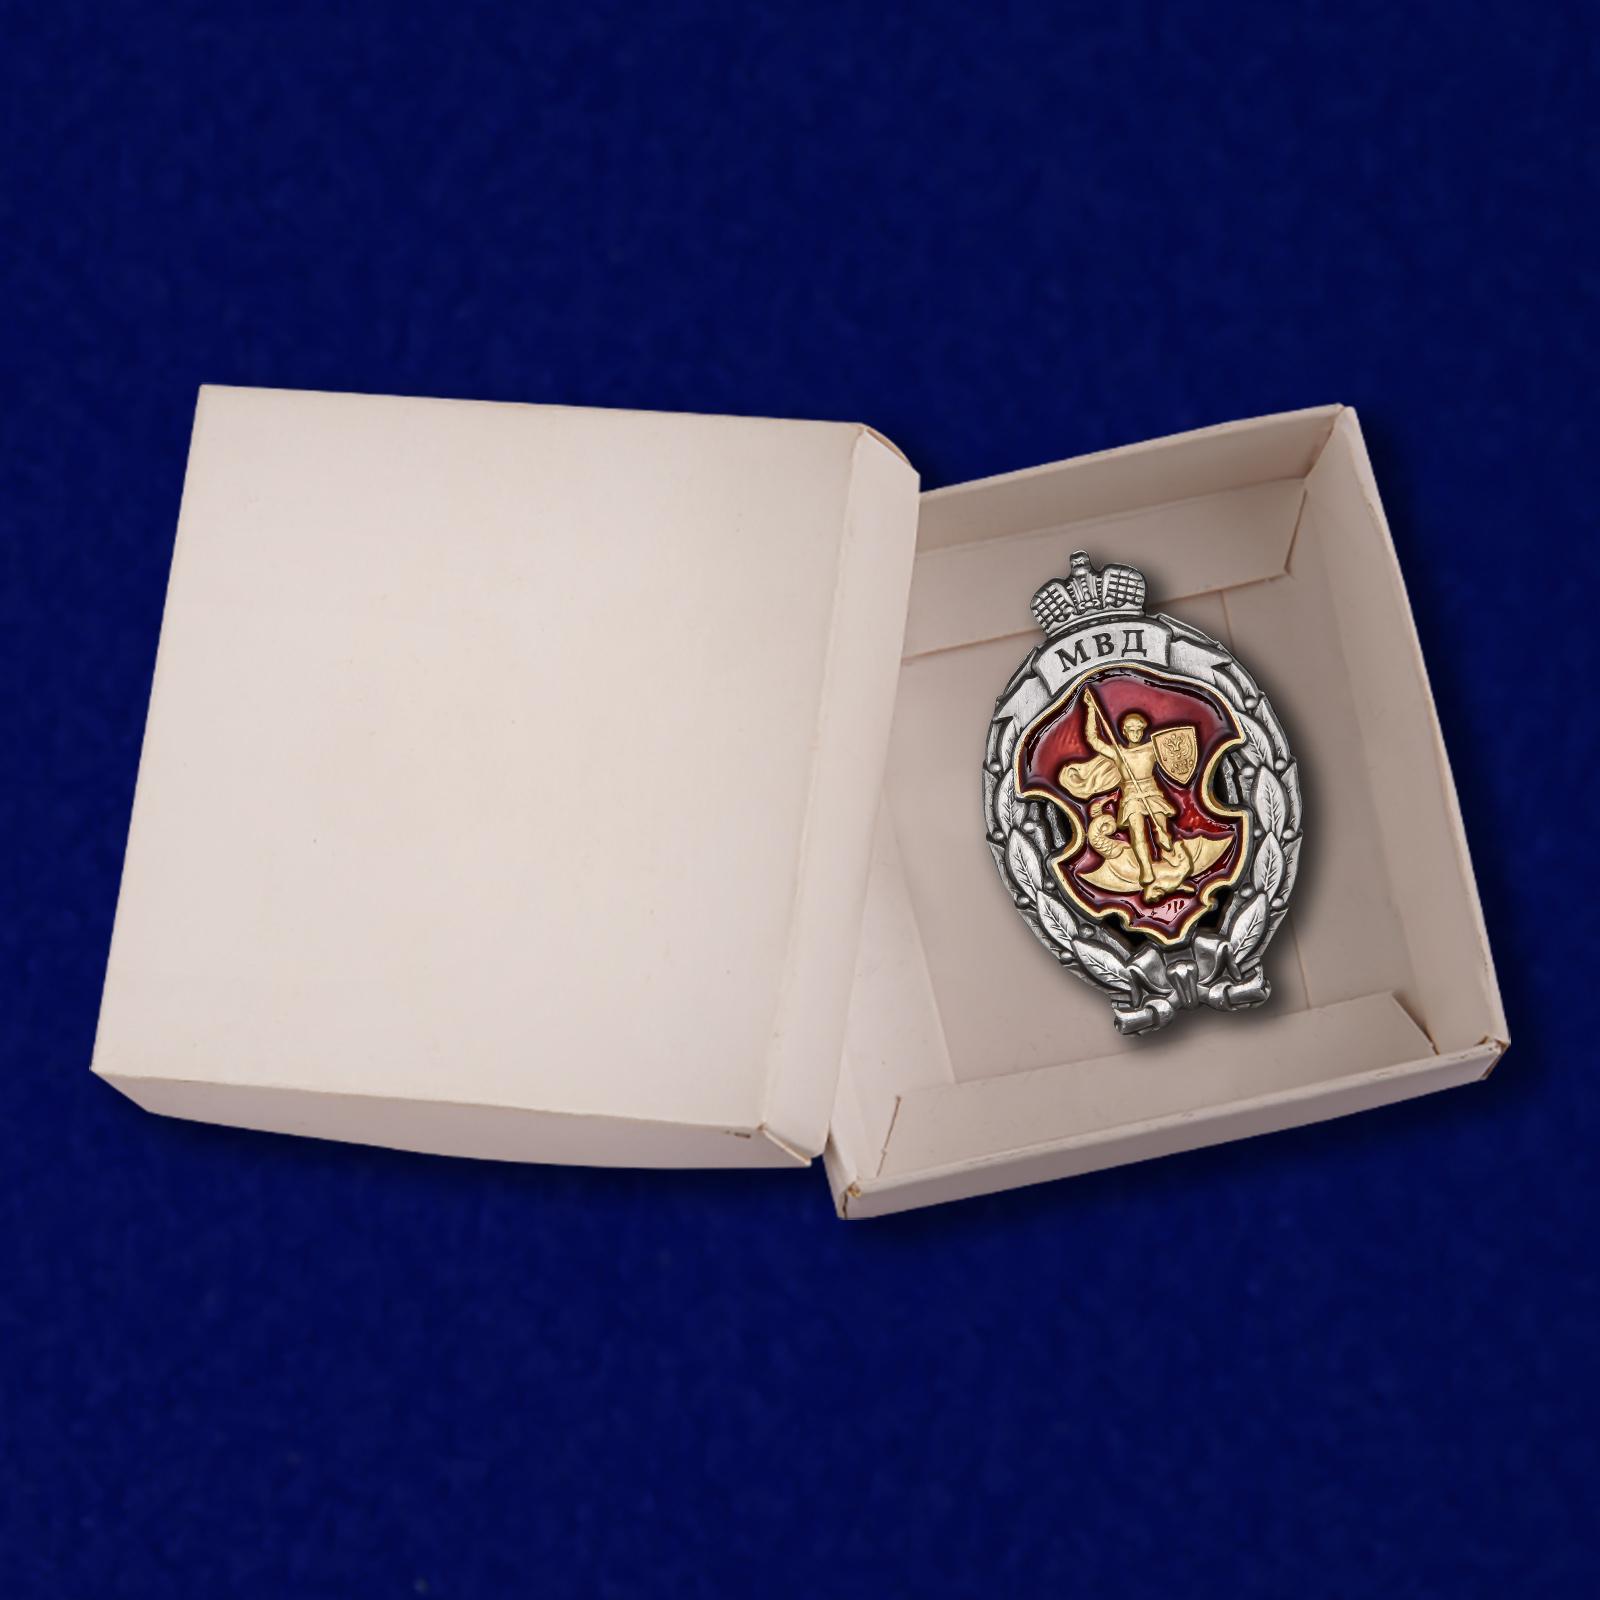 Нагрудный знак Лучший сотрудник специальных подразделений полиции - в коробке